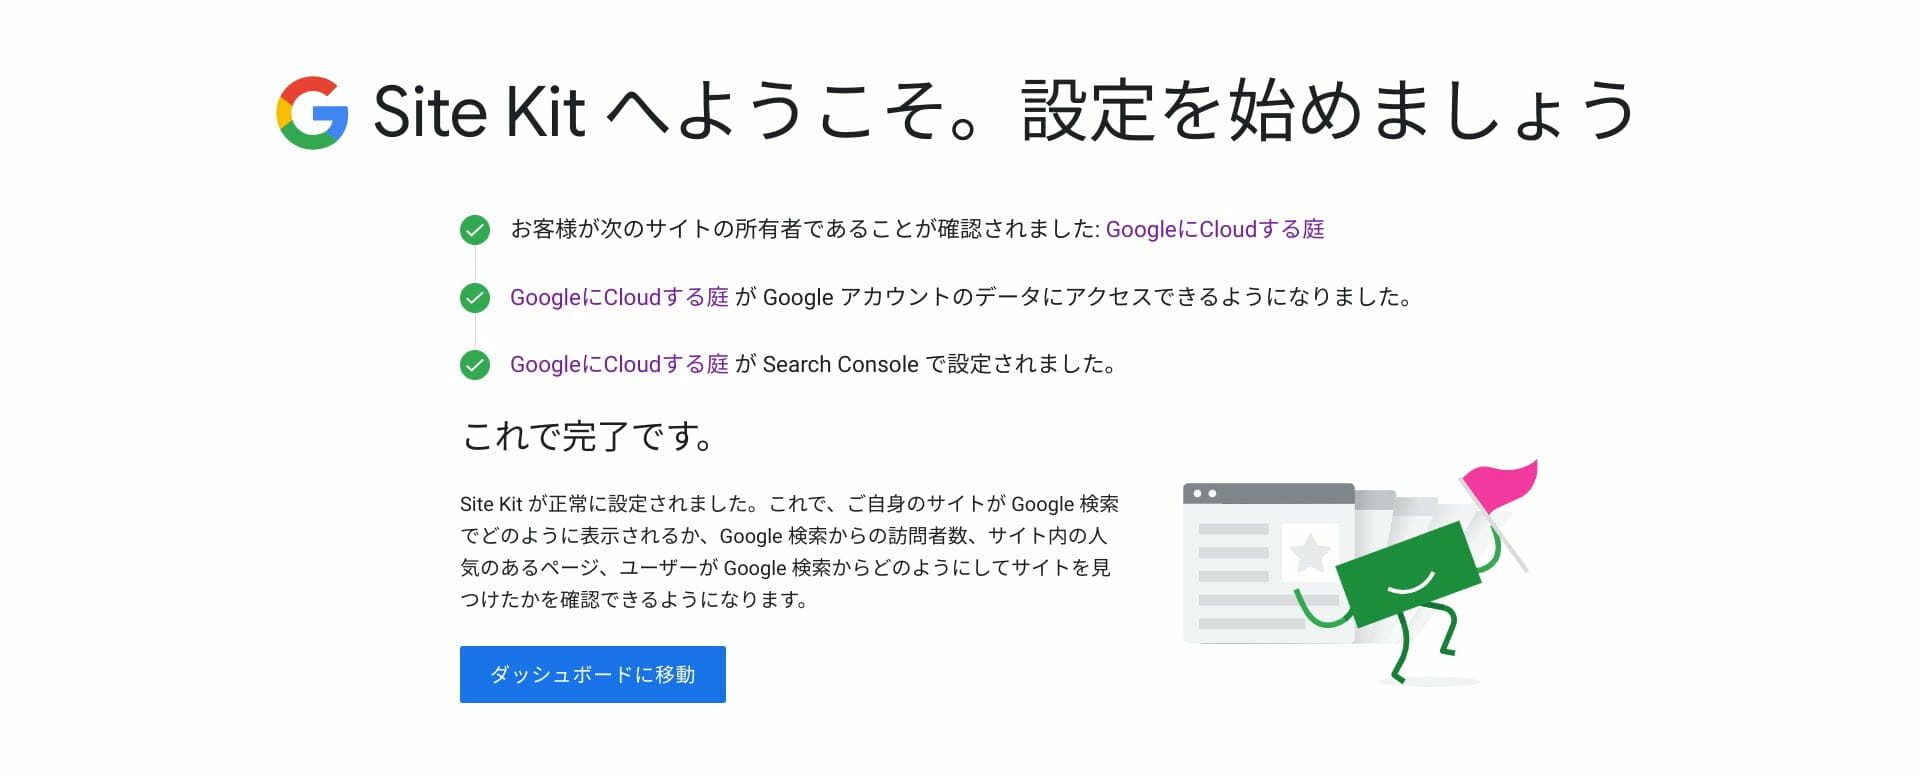 Site Kit:Google アカウントとの紐付けが完了